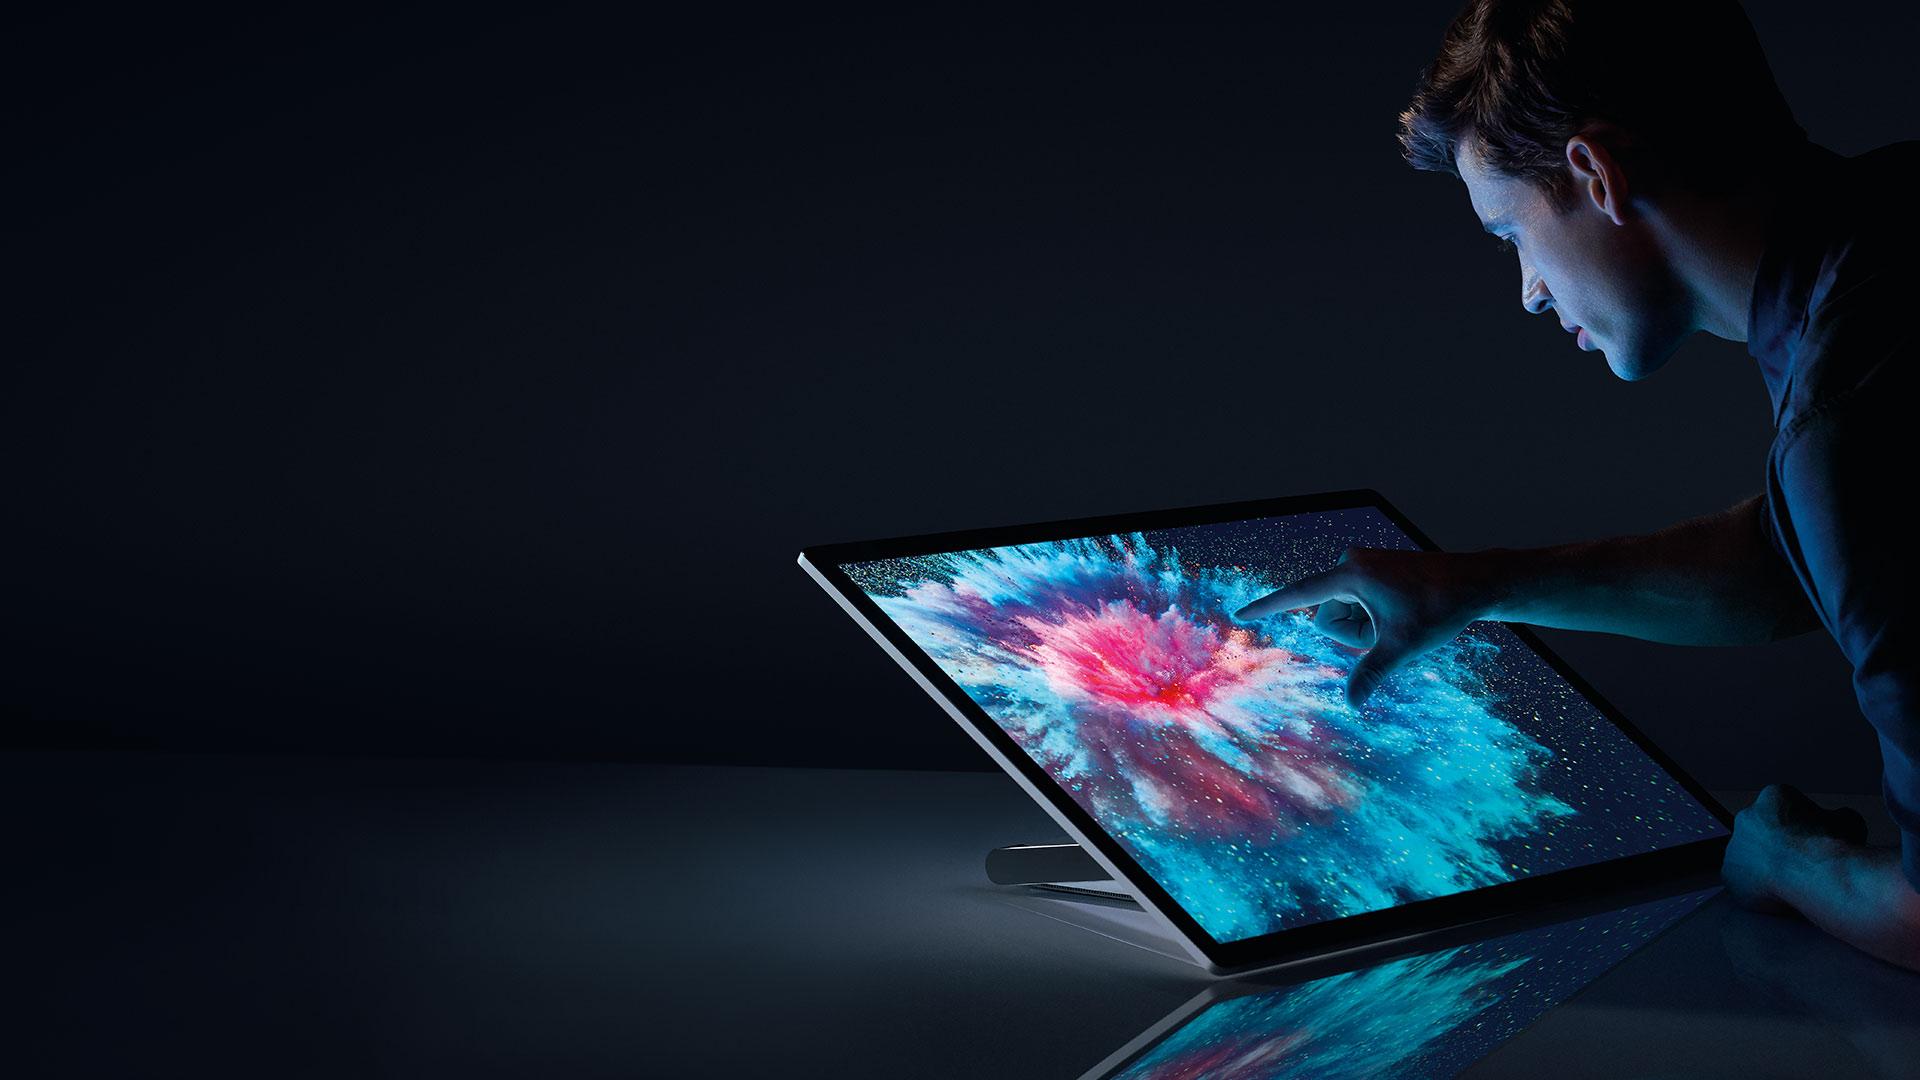 某人与 Surface Studio 交互